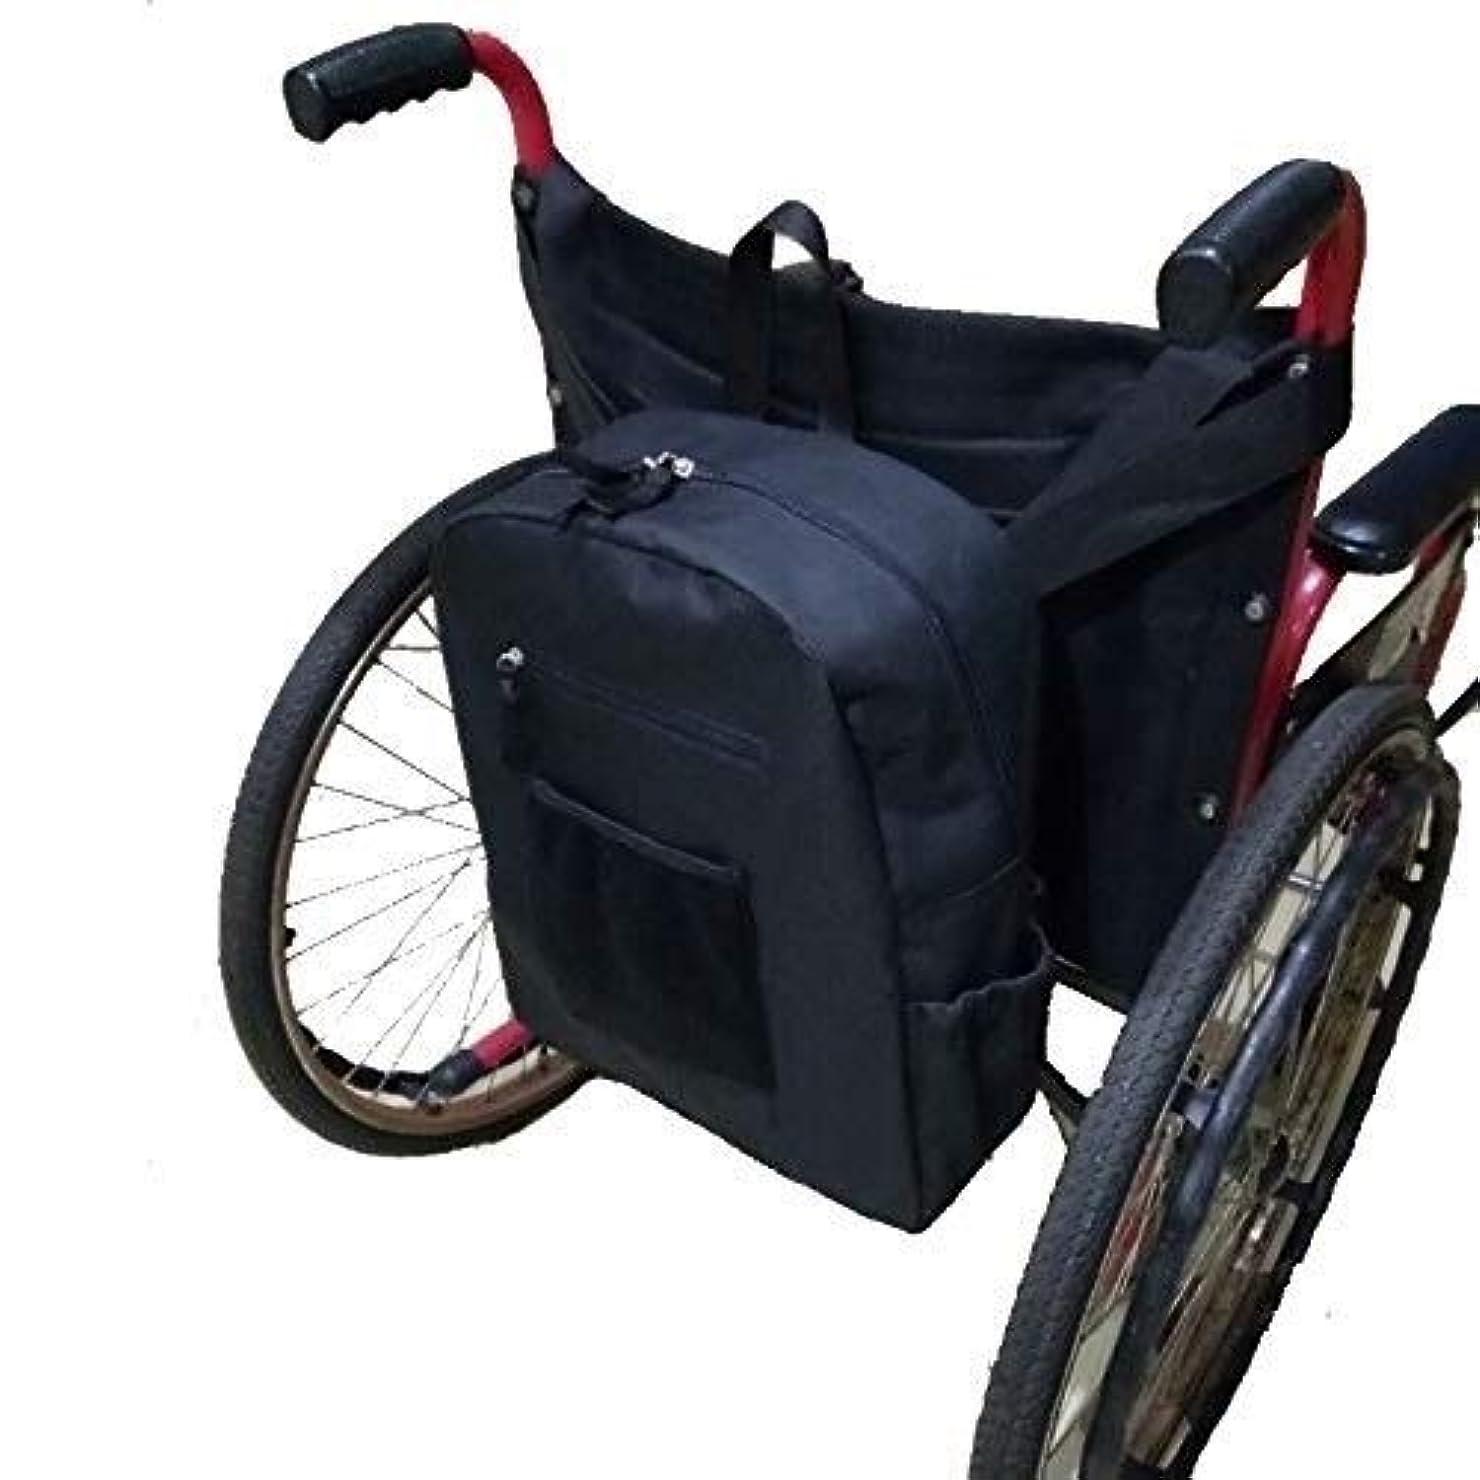 本質的ではないむちゃくちゃ保証車椅子用バッグ、丈夫なオックスフォードの布製の椅子用バッグ車椅子用リュックサックバッグ、高齢者用?身体障害者用 - ほとんどの車椅子用